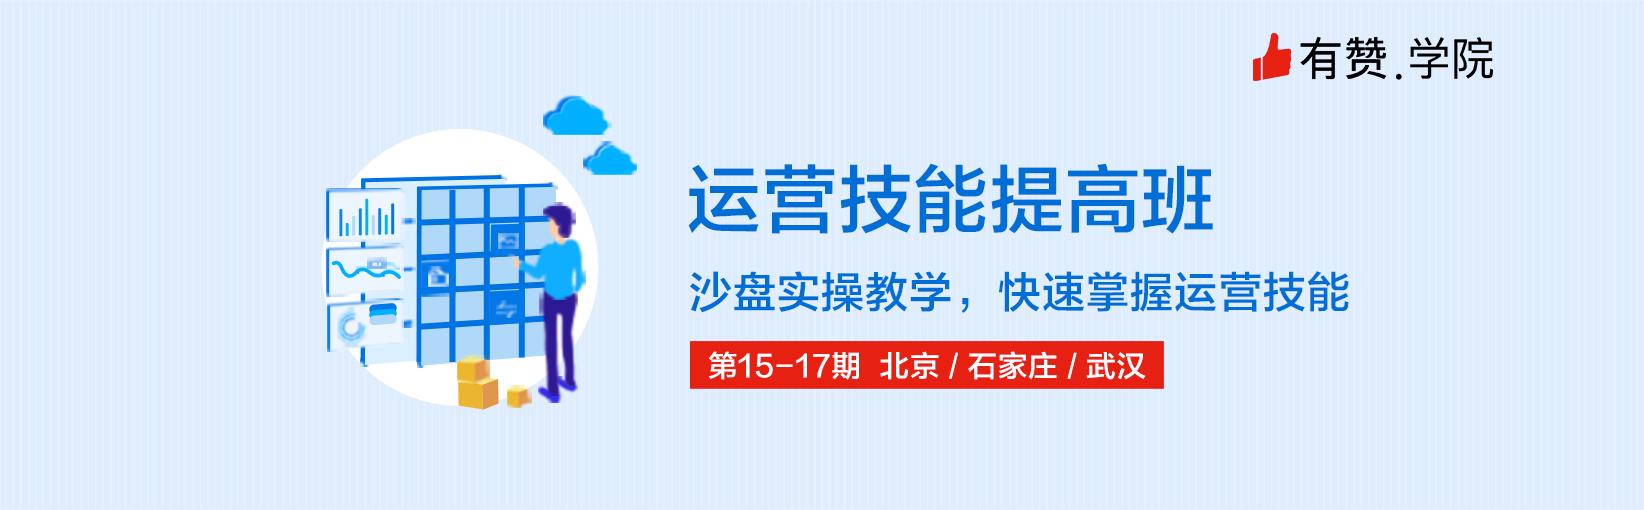 【运营技能提高班-第18期】8月24日杭州站不见不散